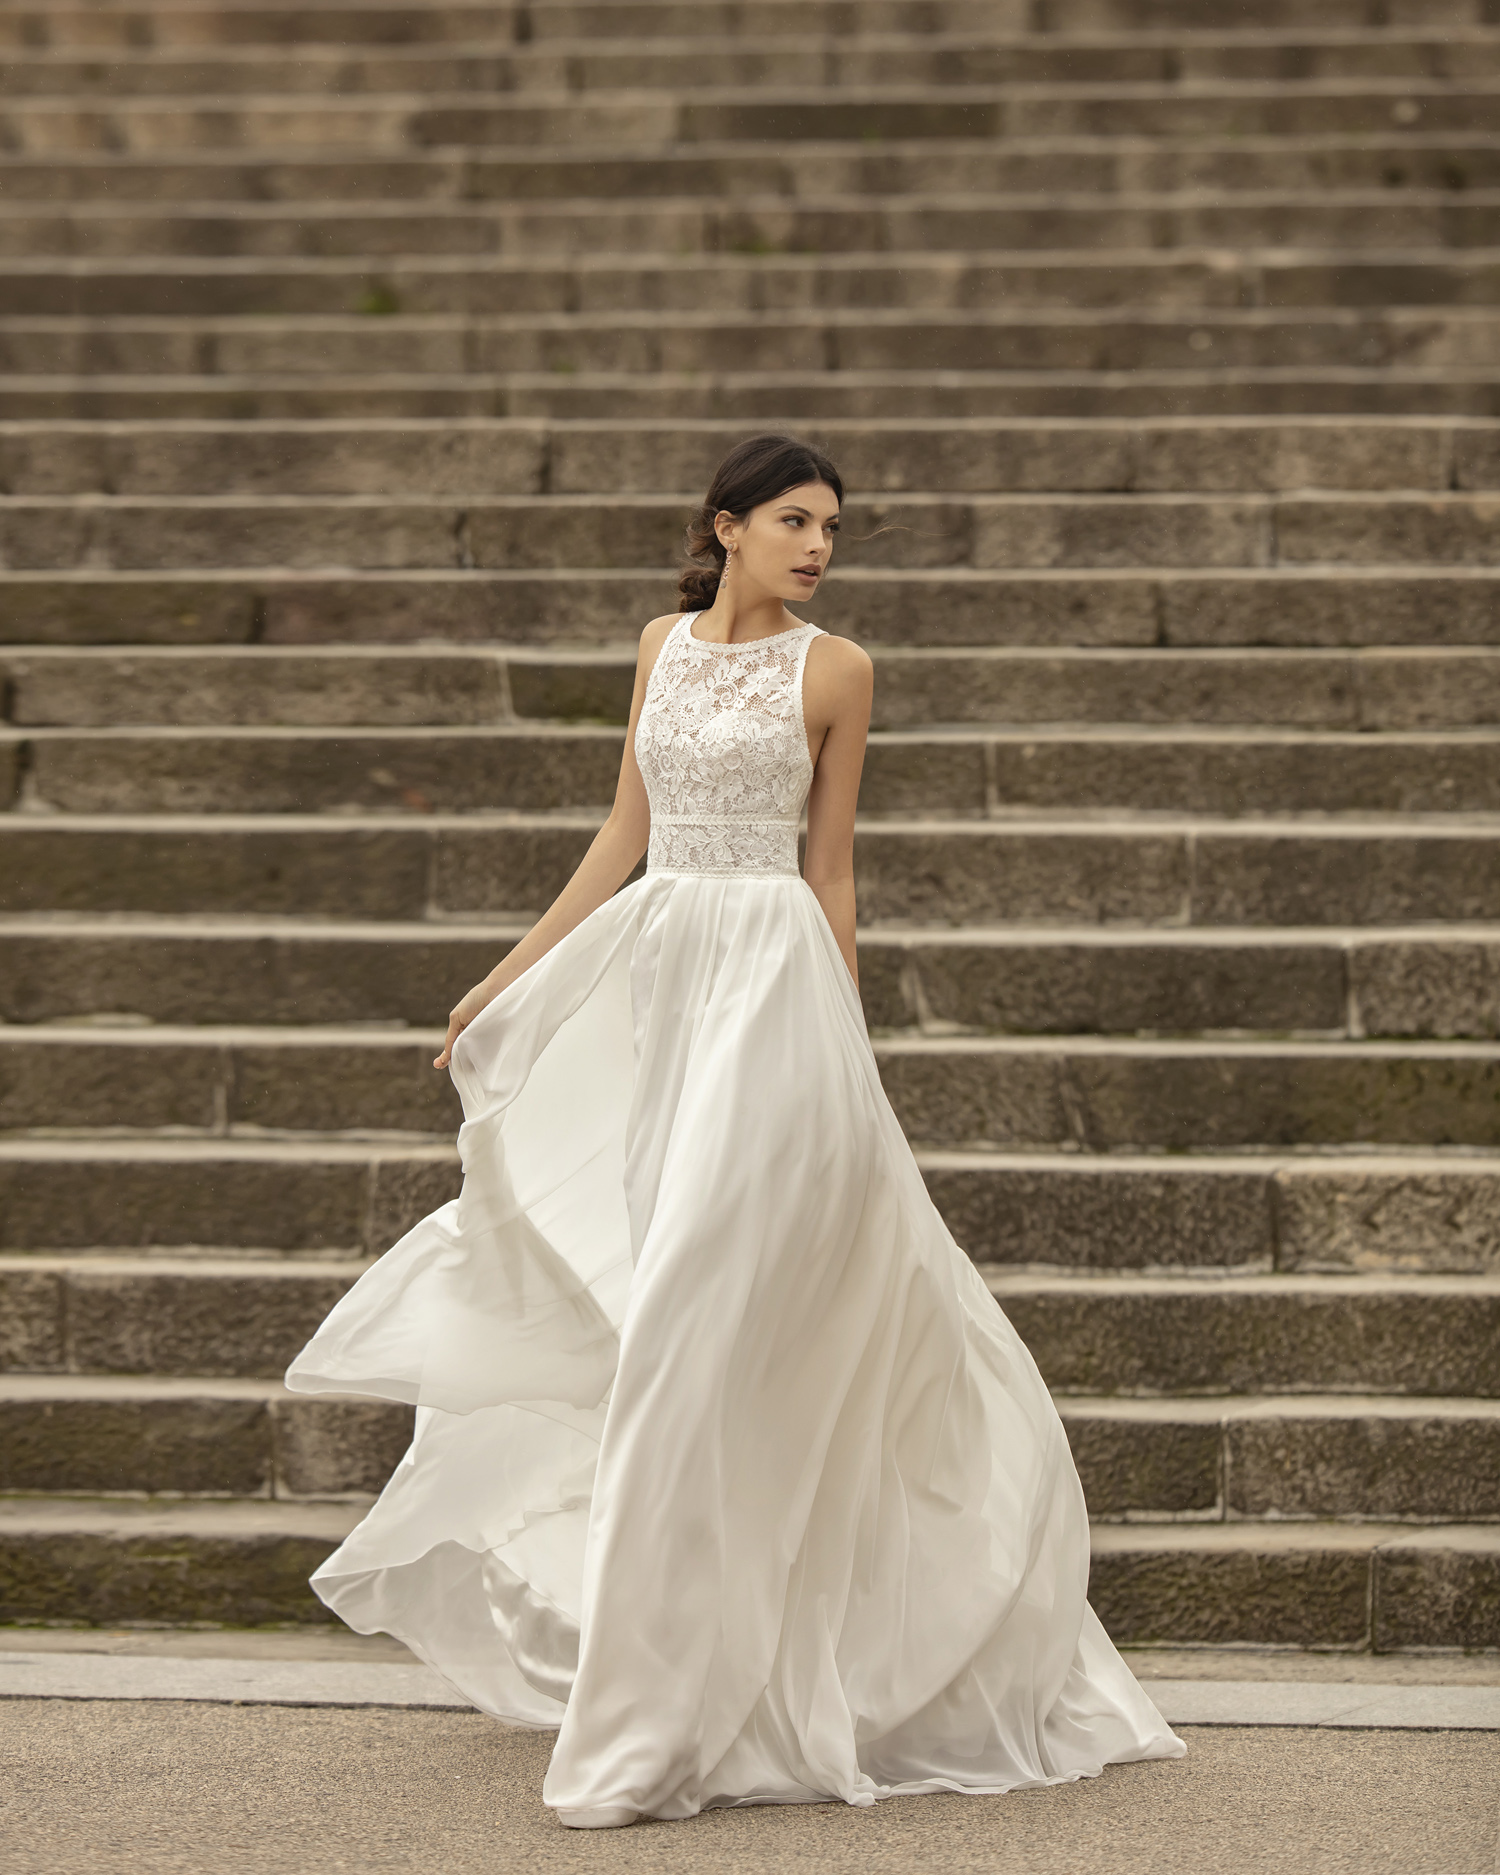 Vestiti Cerimonia Vicenza.Abito Da Sposa Rosa Clara 2020 Ofim Mariages It Abiti Sposa